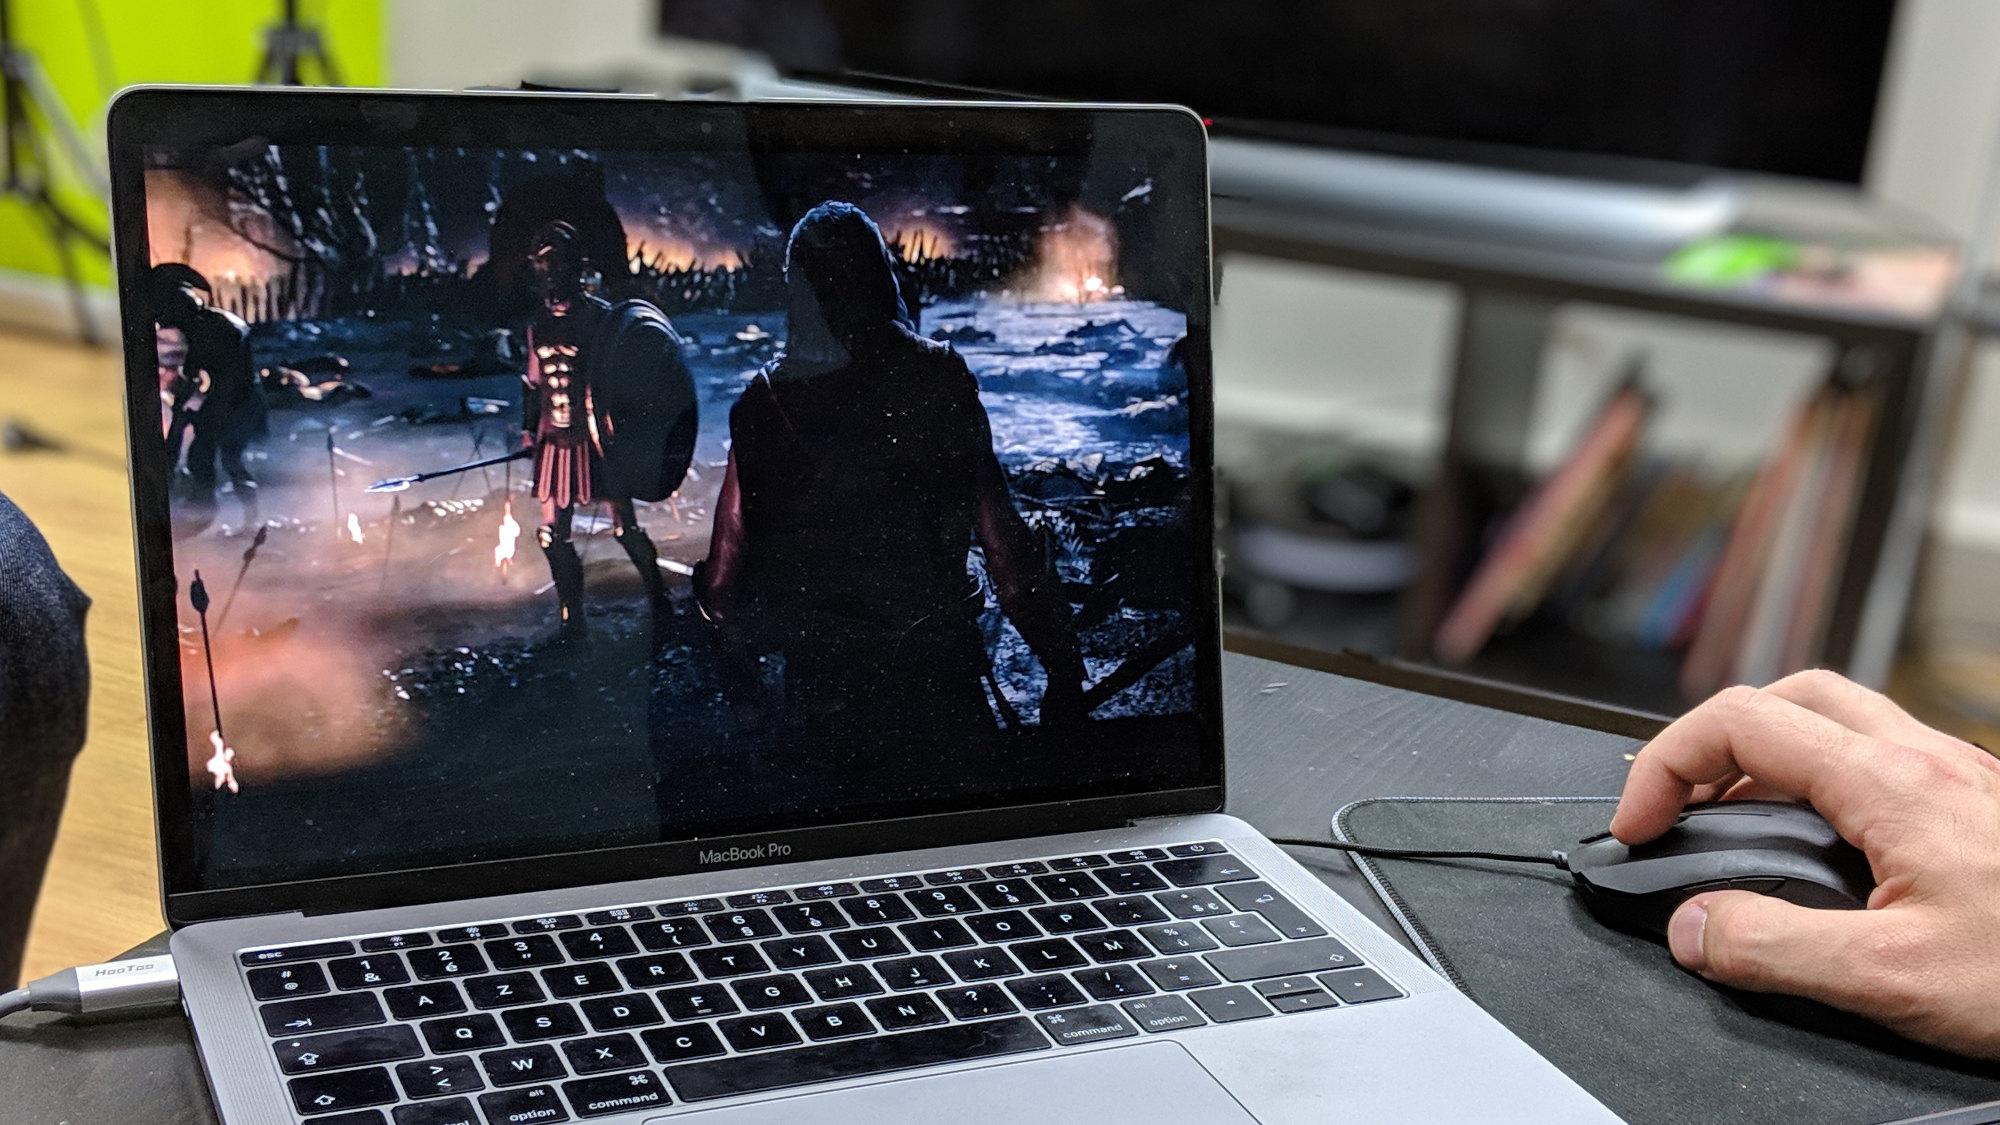 On a testé Google Project Stream, le cloud gaming qui esquisse le futur du jeu vidéo